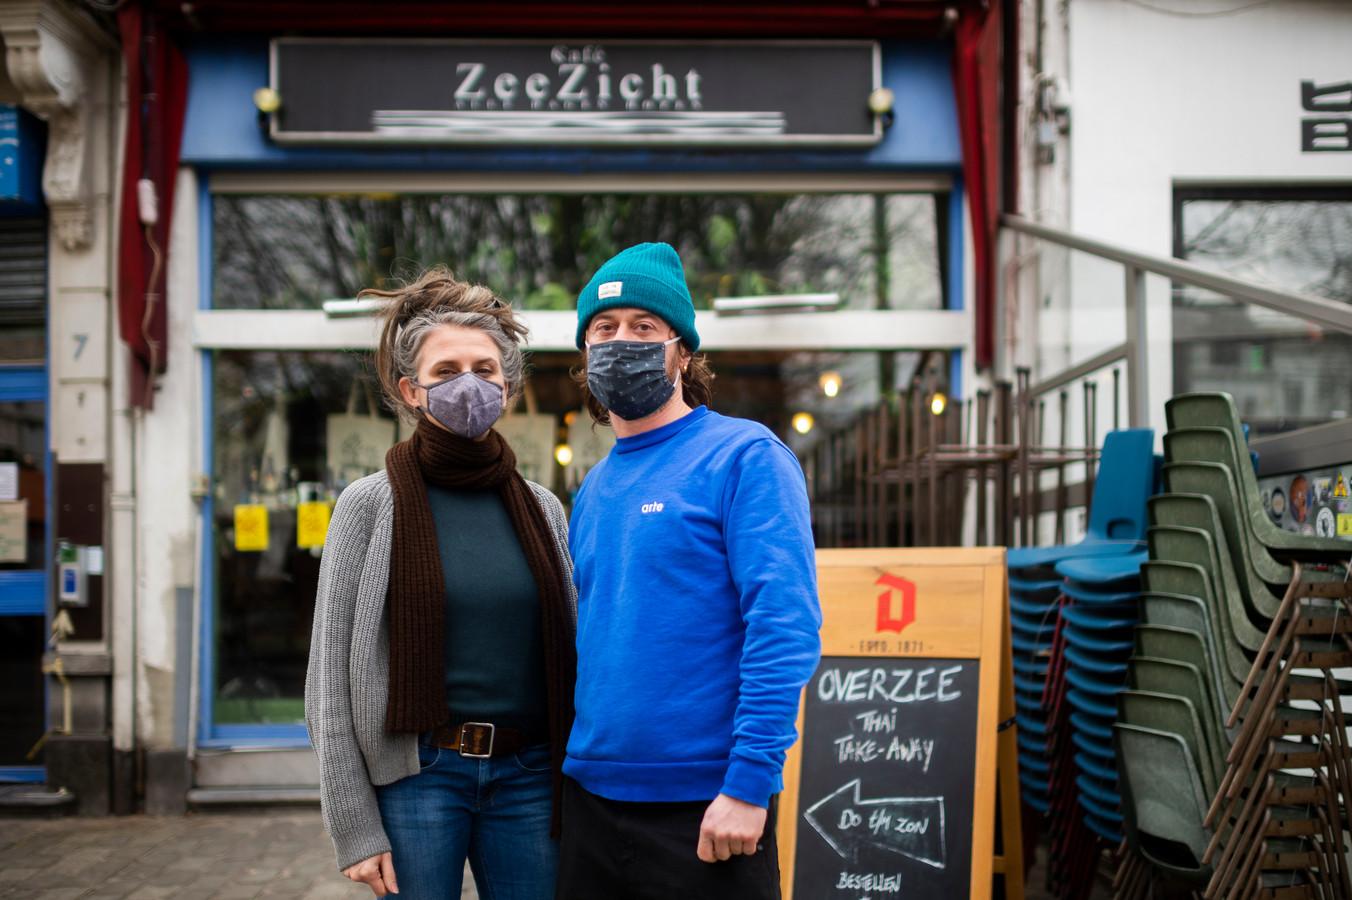 Met Coca-Cola op de foto poseren kunnen Babs Cossaer (44) en David Joris (46) van 't Zeezicht nog niet: 'Die moeten we nog in huis halen.'